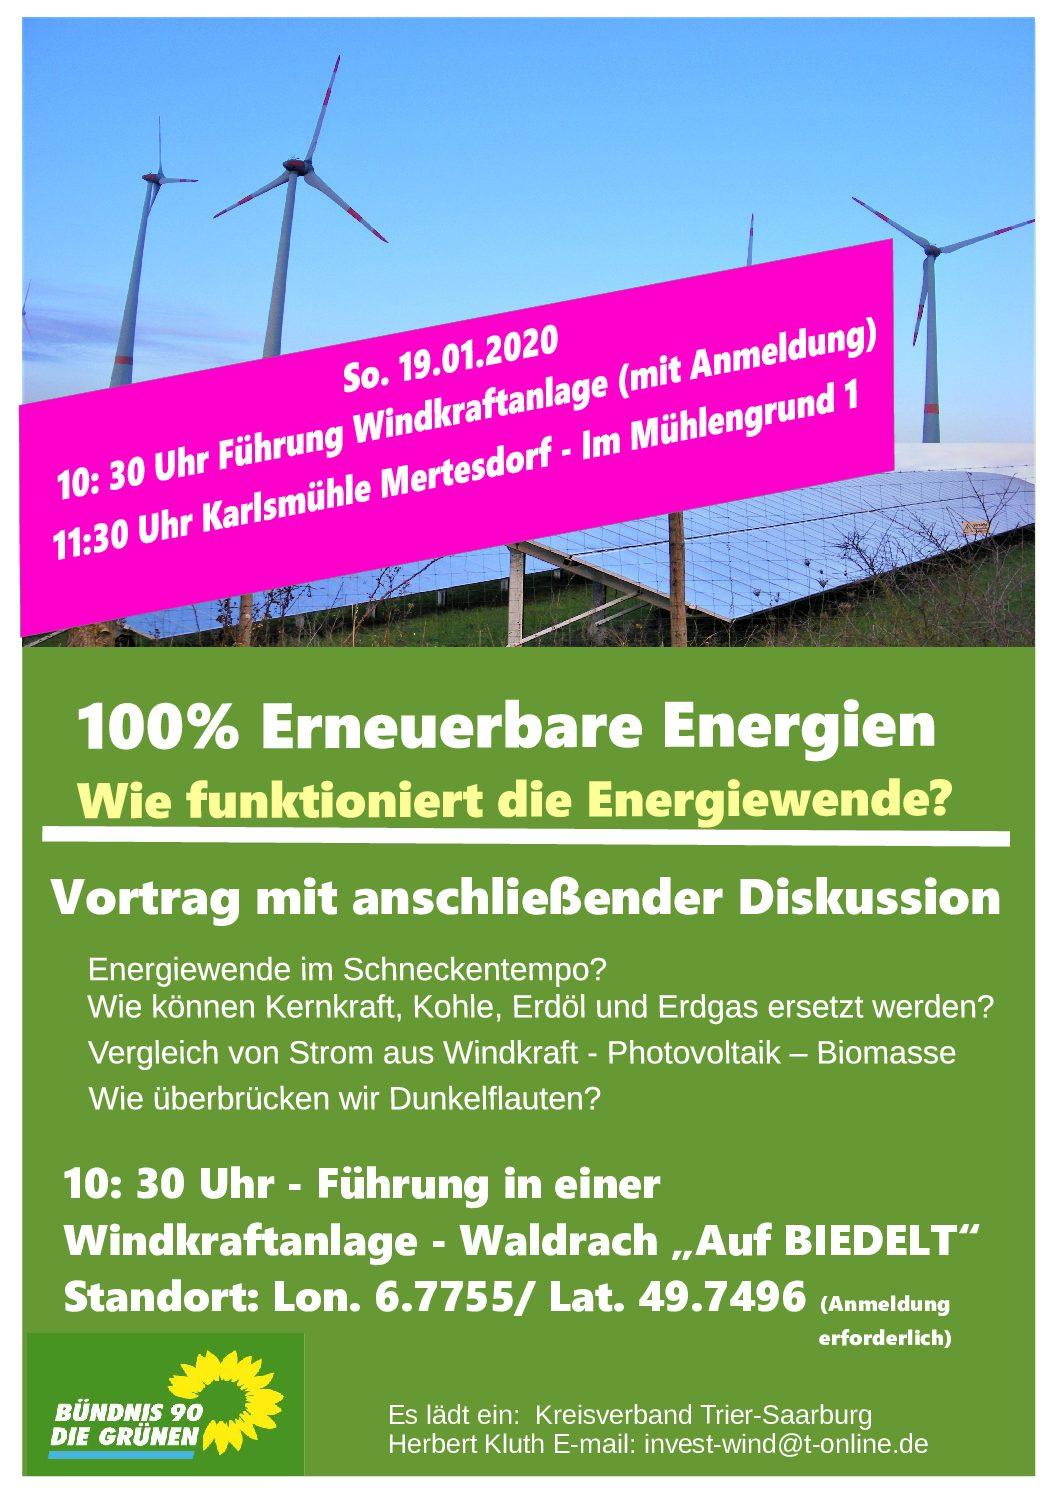 100% Erneuerbare Energien – Wie funktioniert die Energiewende?